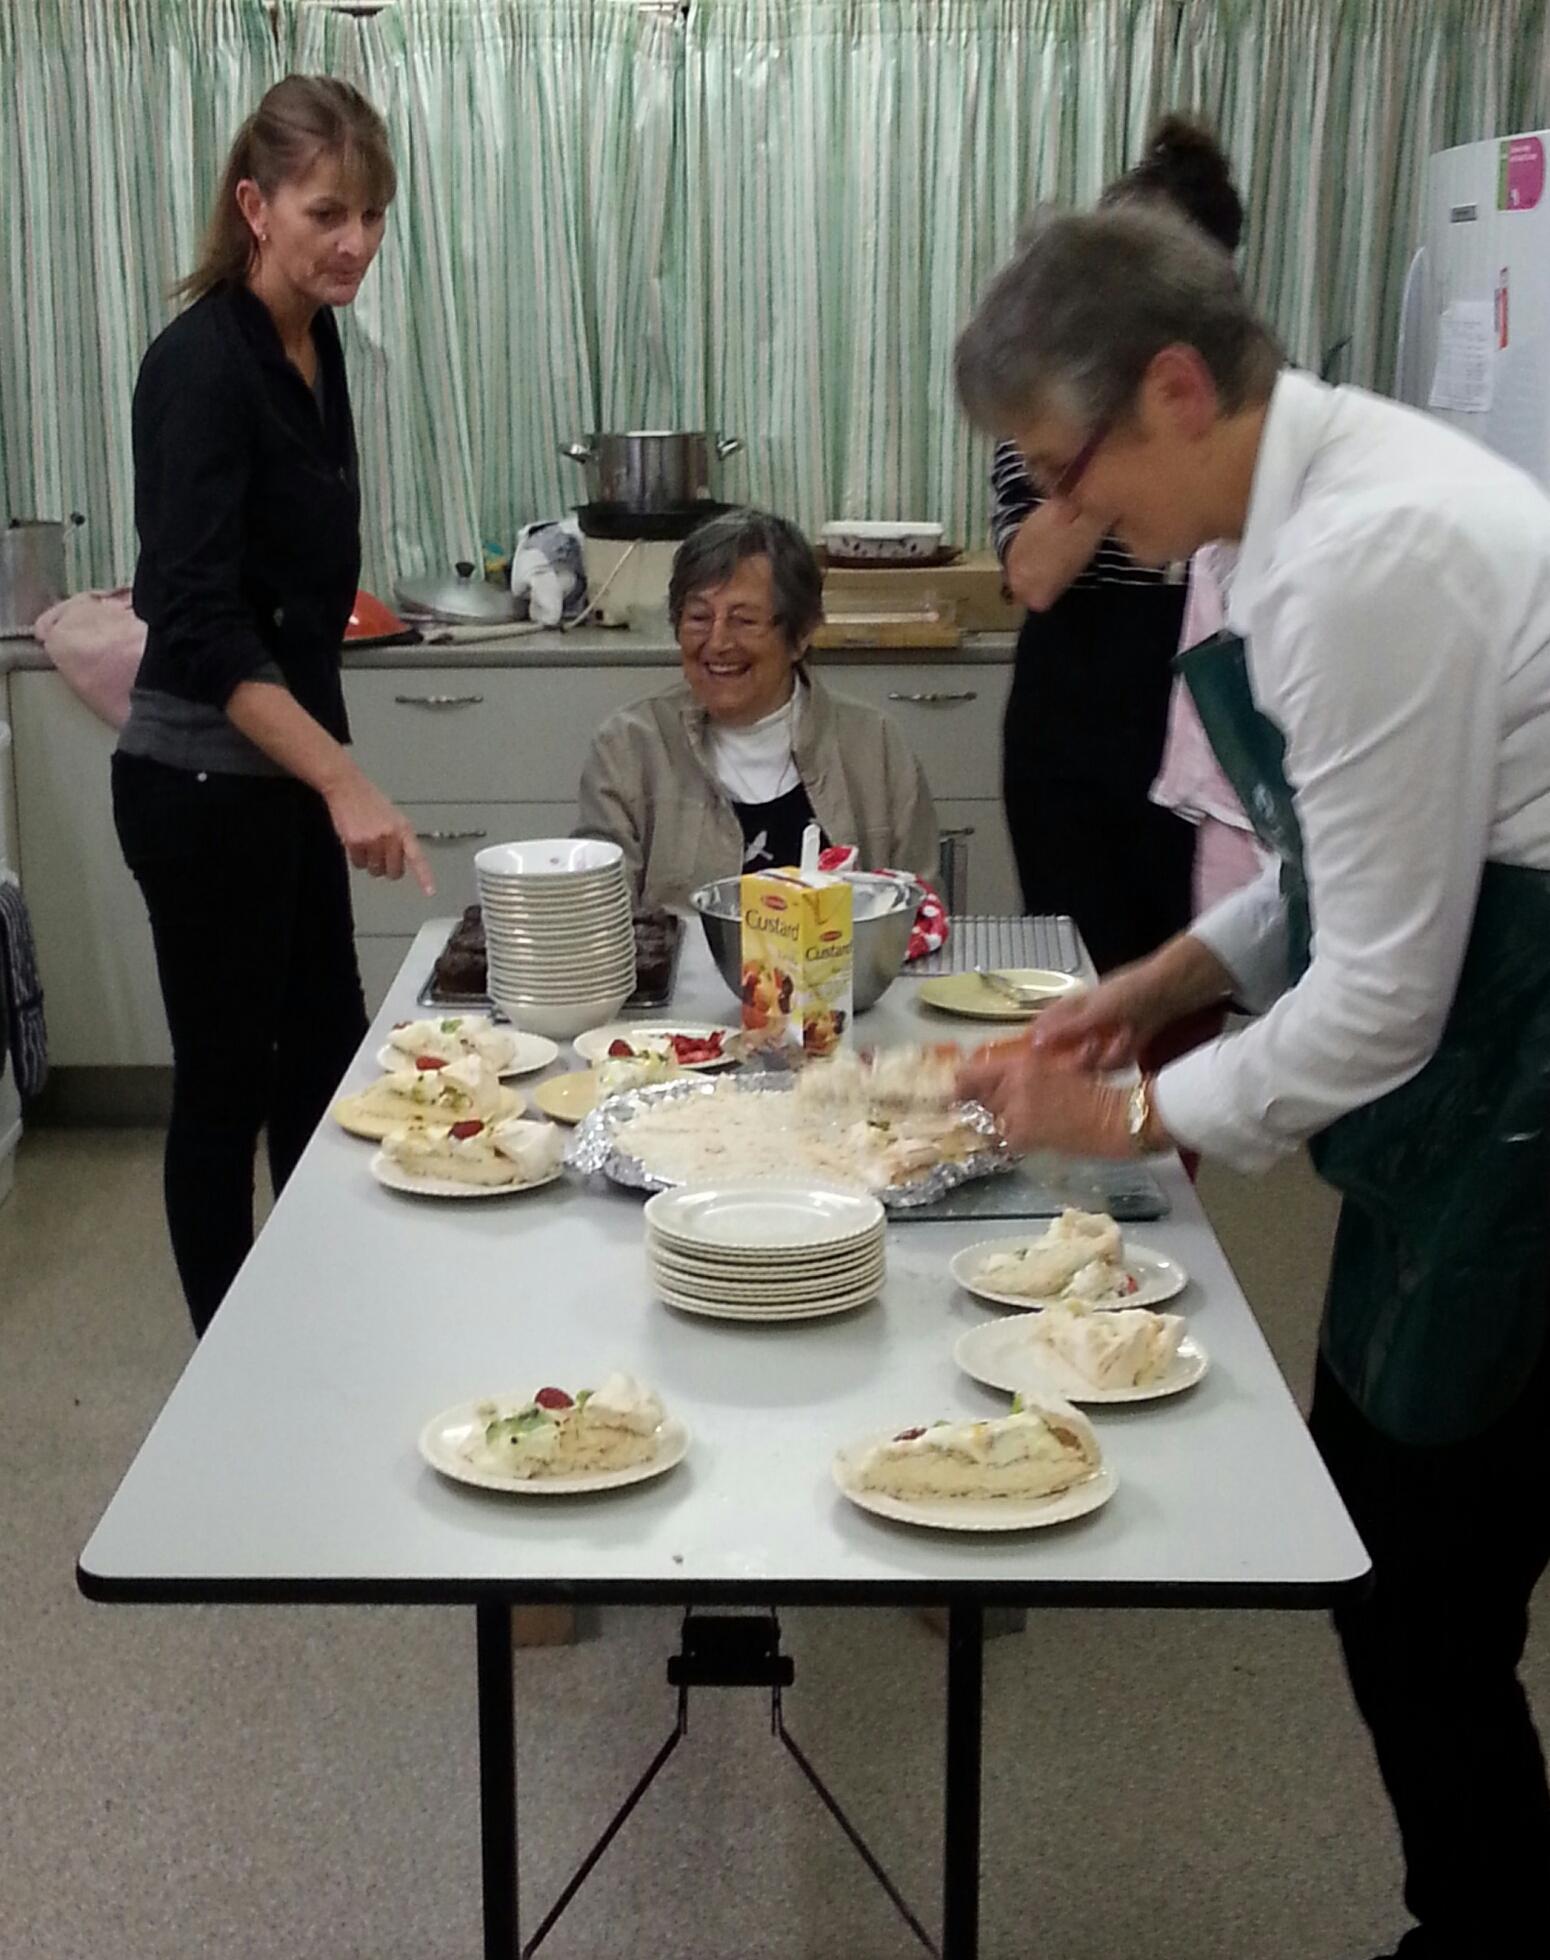 Lesley superviisng the kitchen